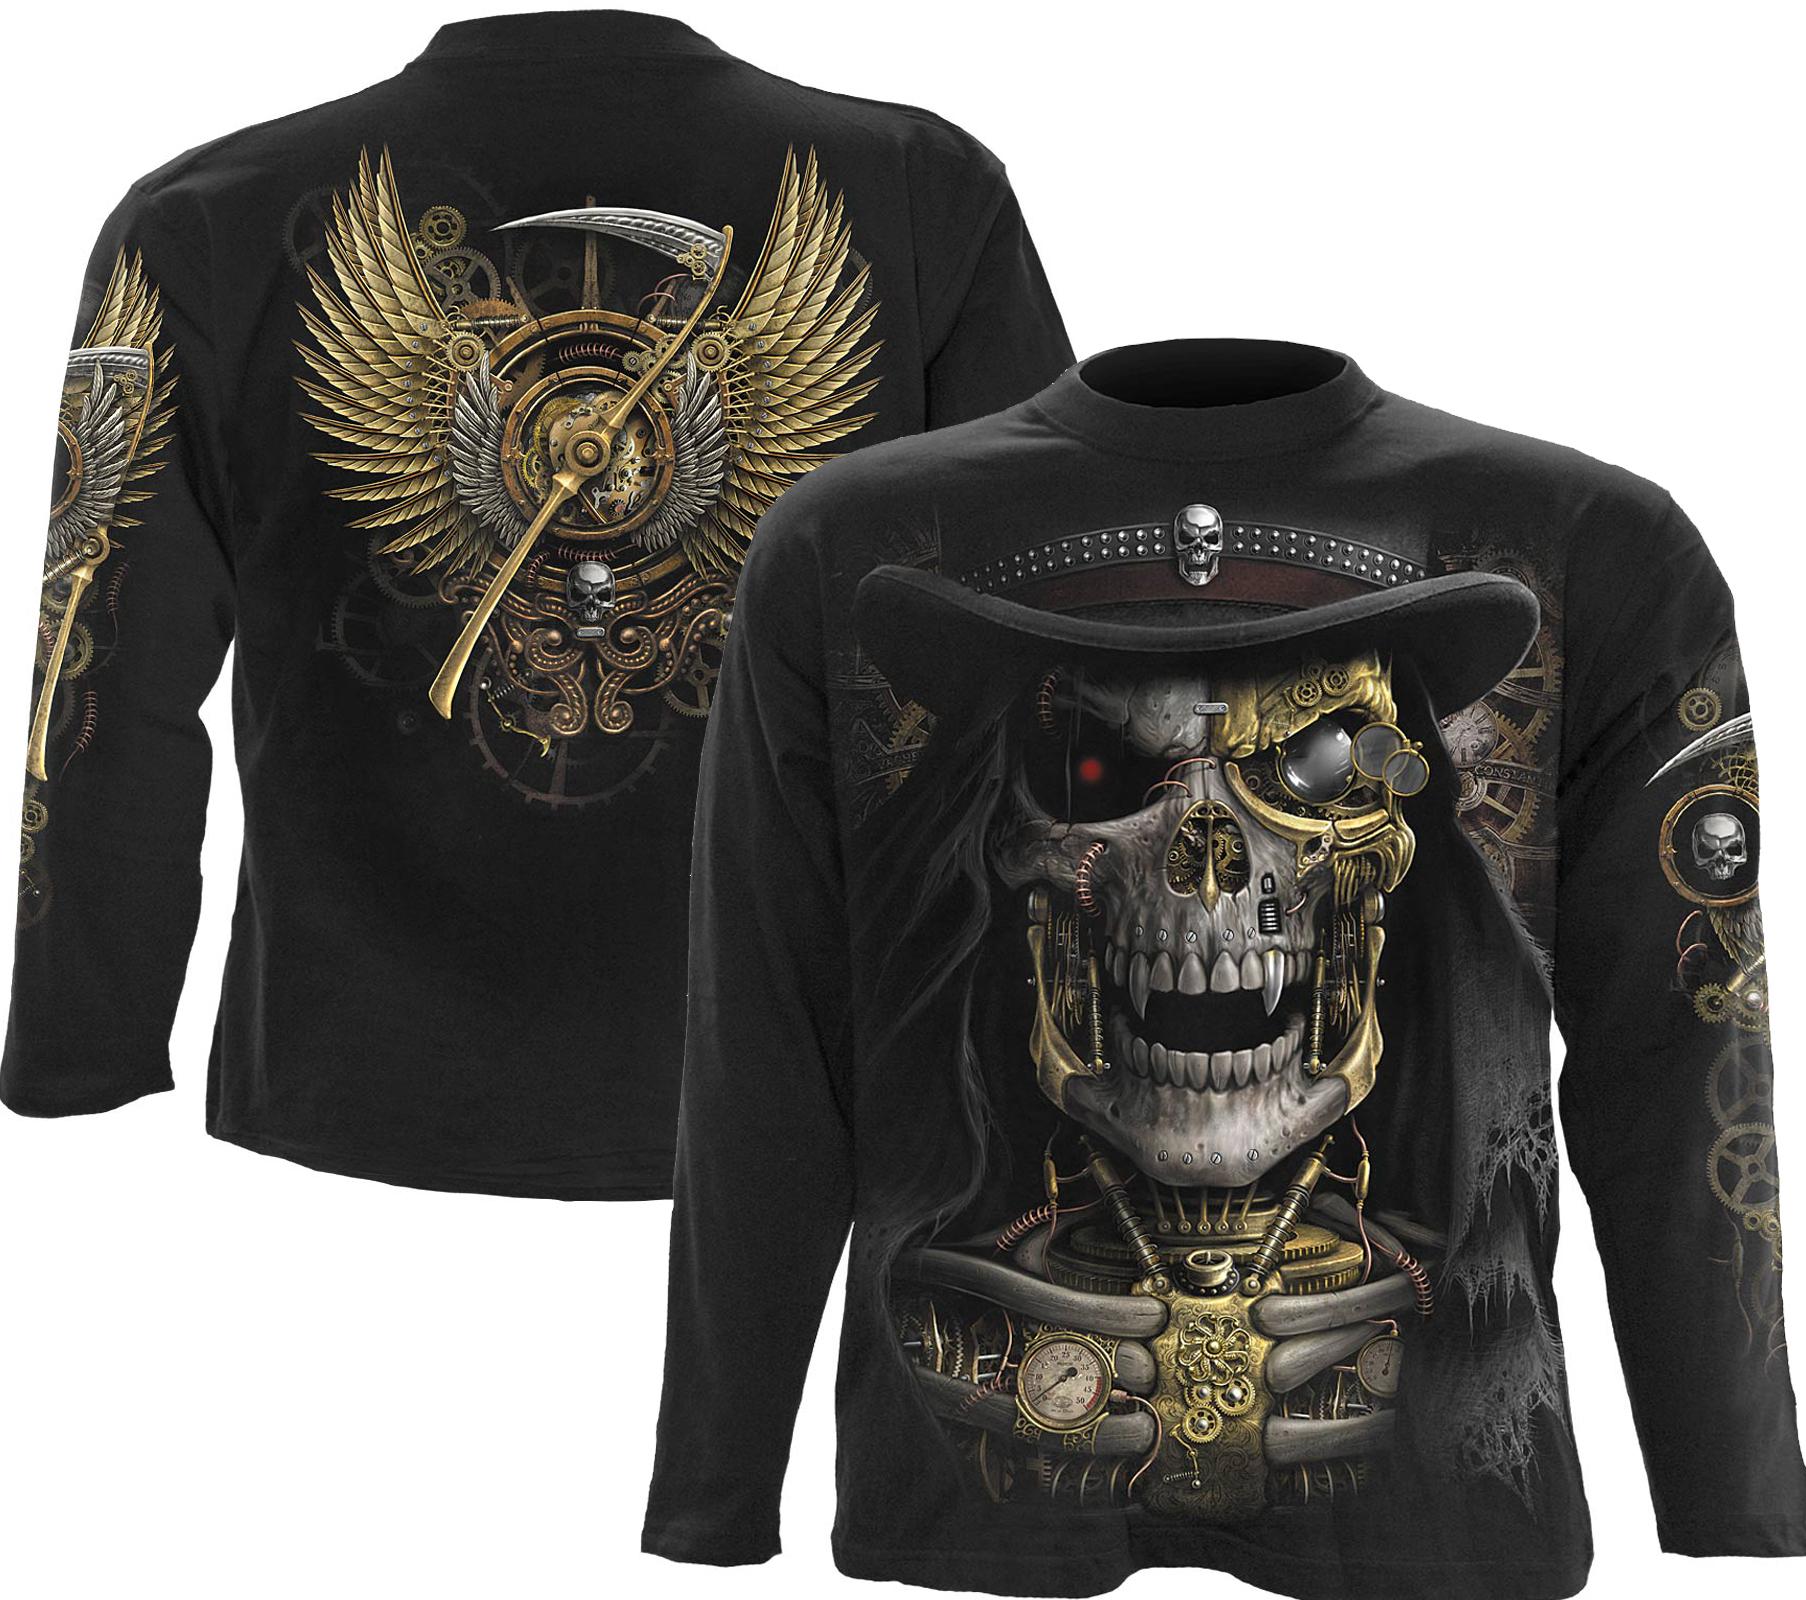 SPIRAL Steam Punk Reaper Longsleeve T-Shirt Black M011M301